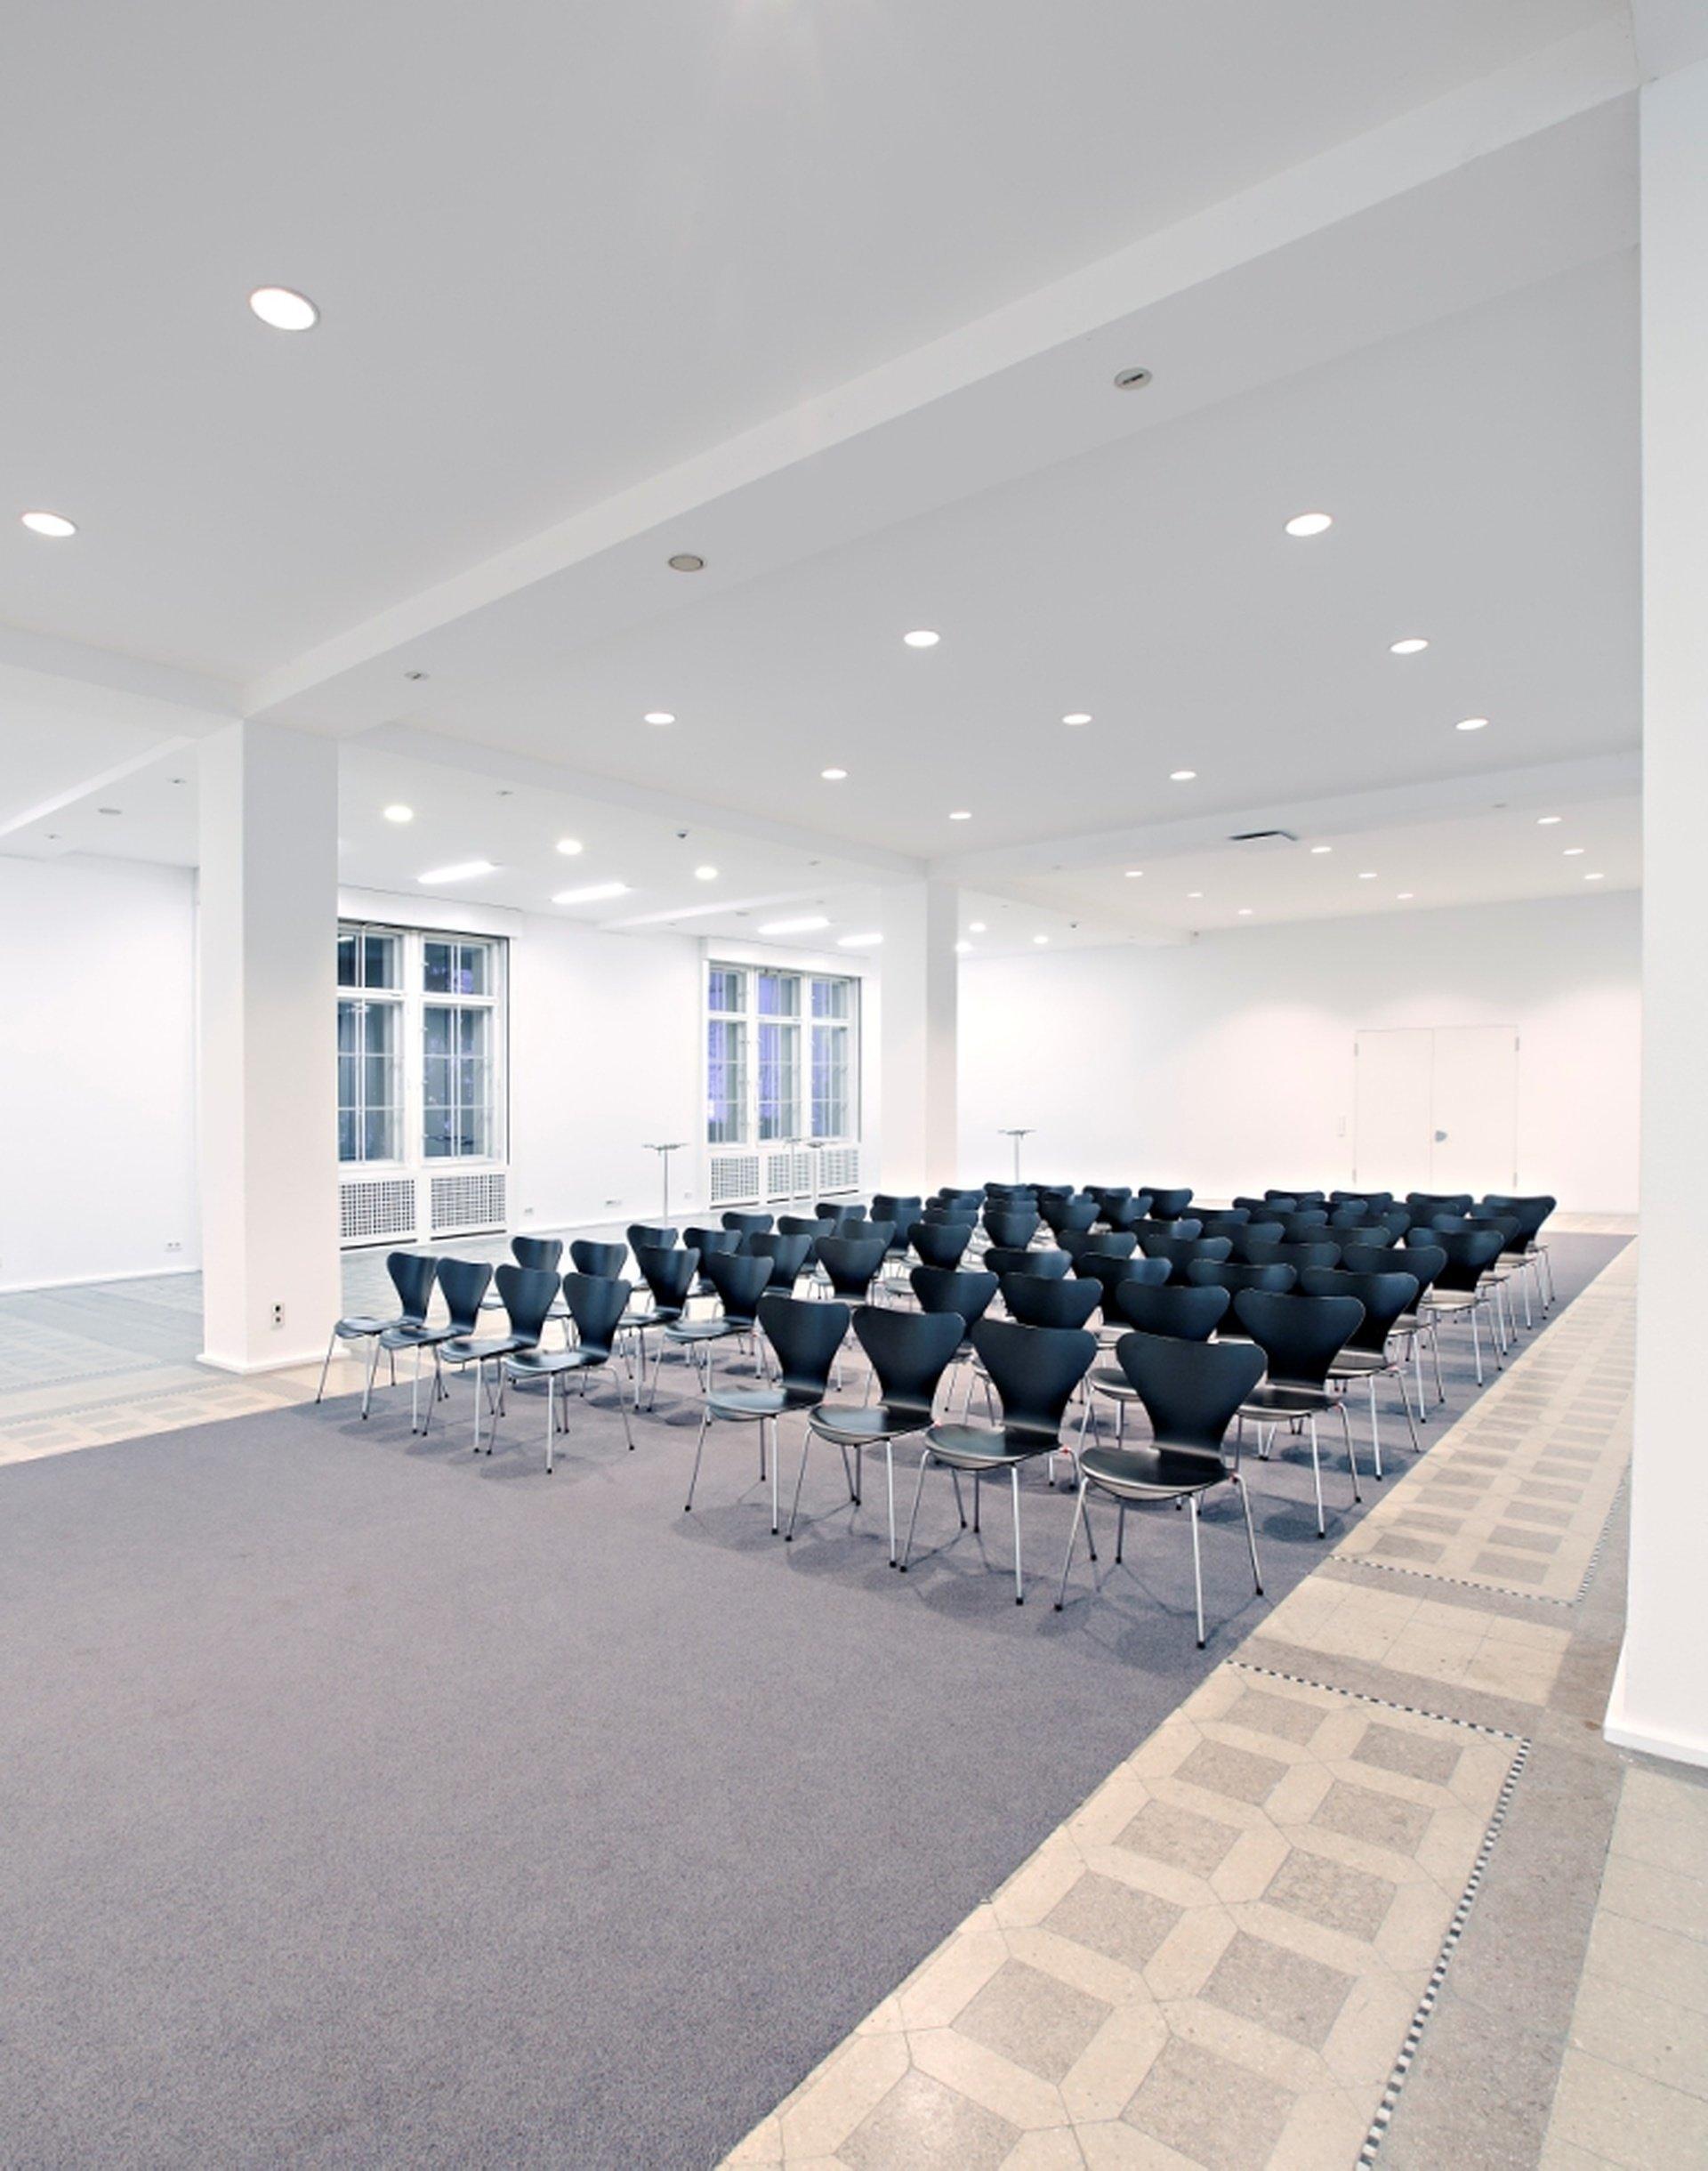 Berlin corporate event venues Museum Hamburger Bahnhof – Museum für Gegenwart image 0